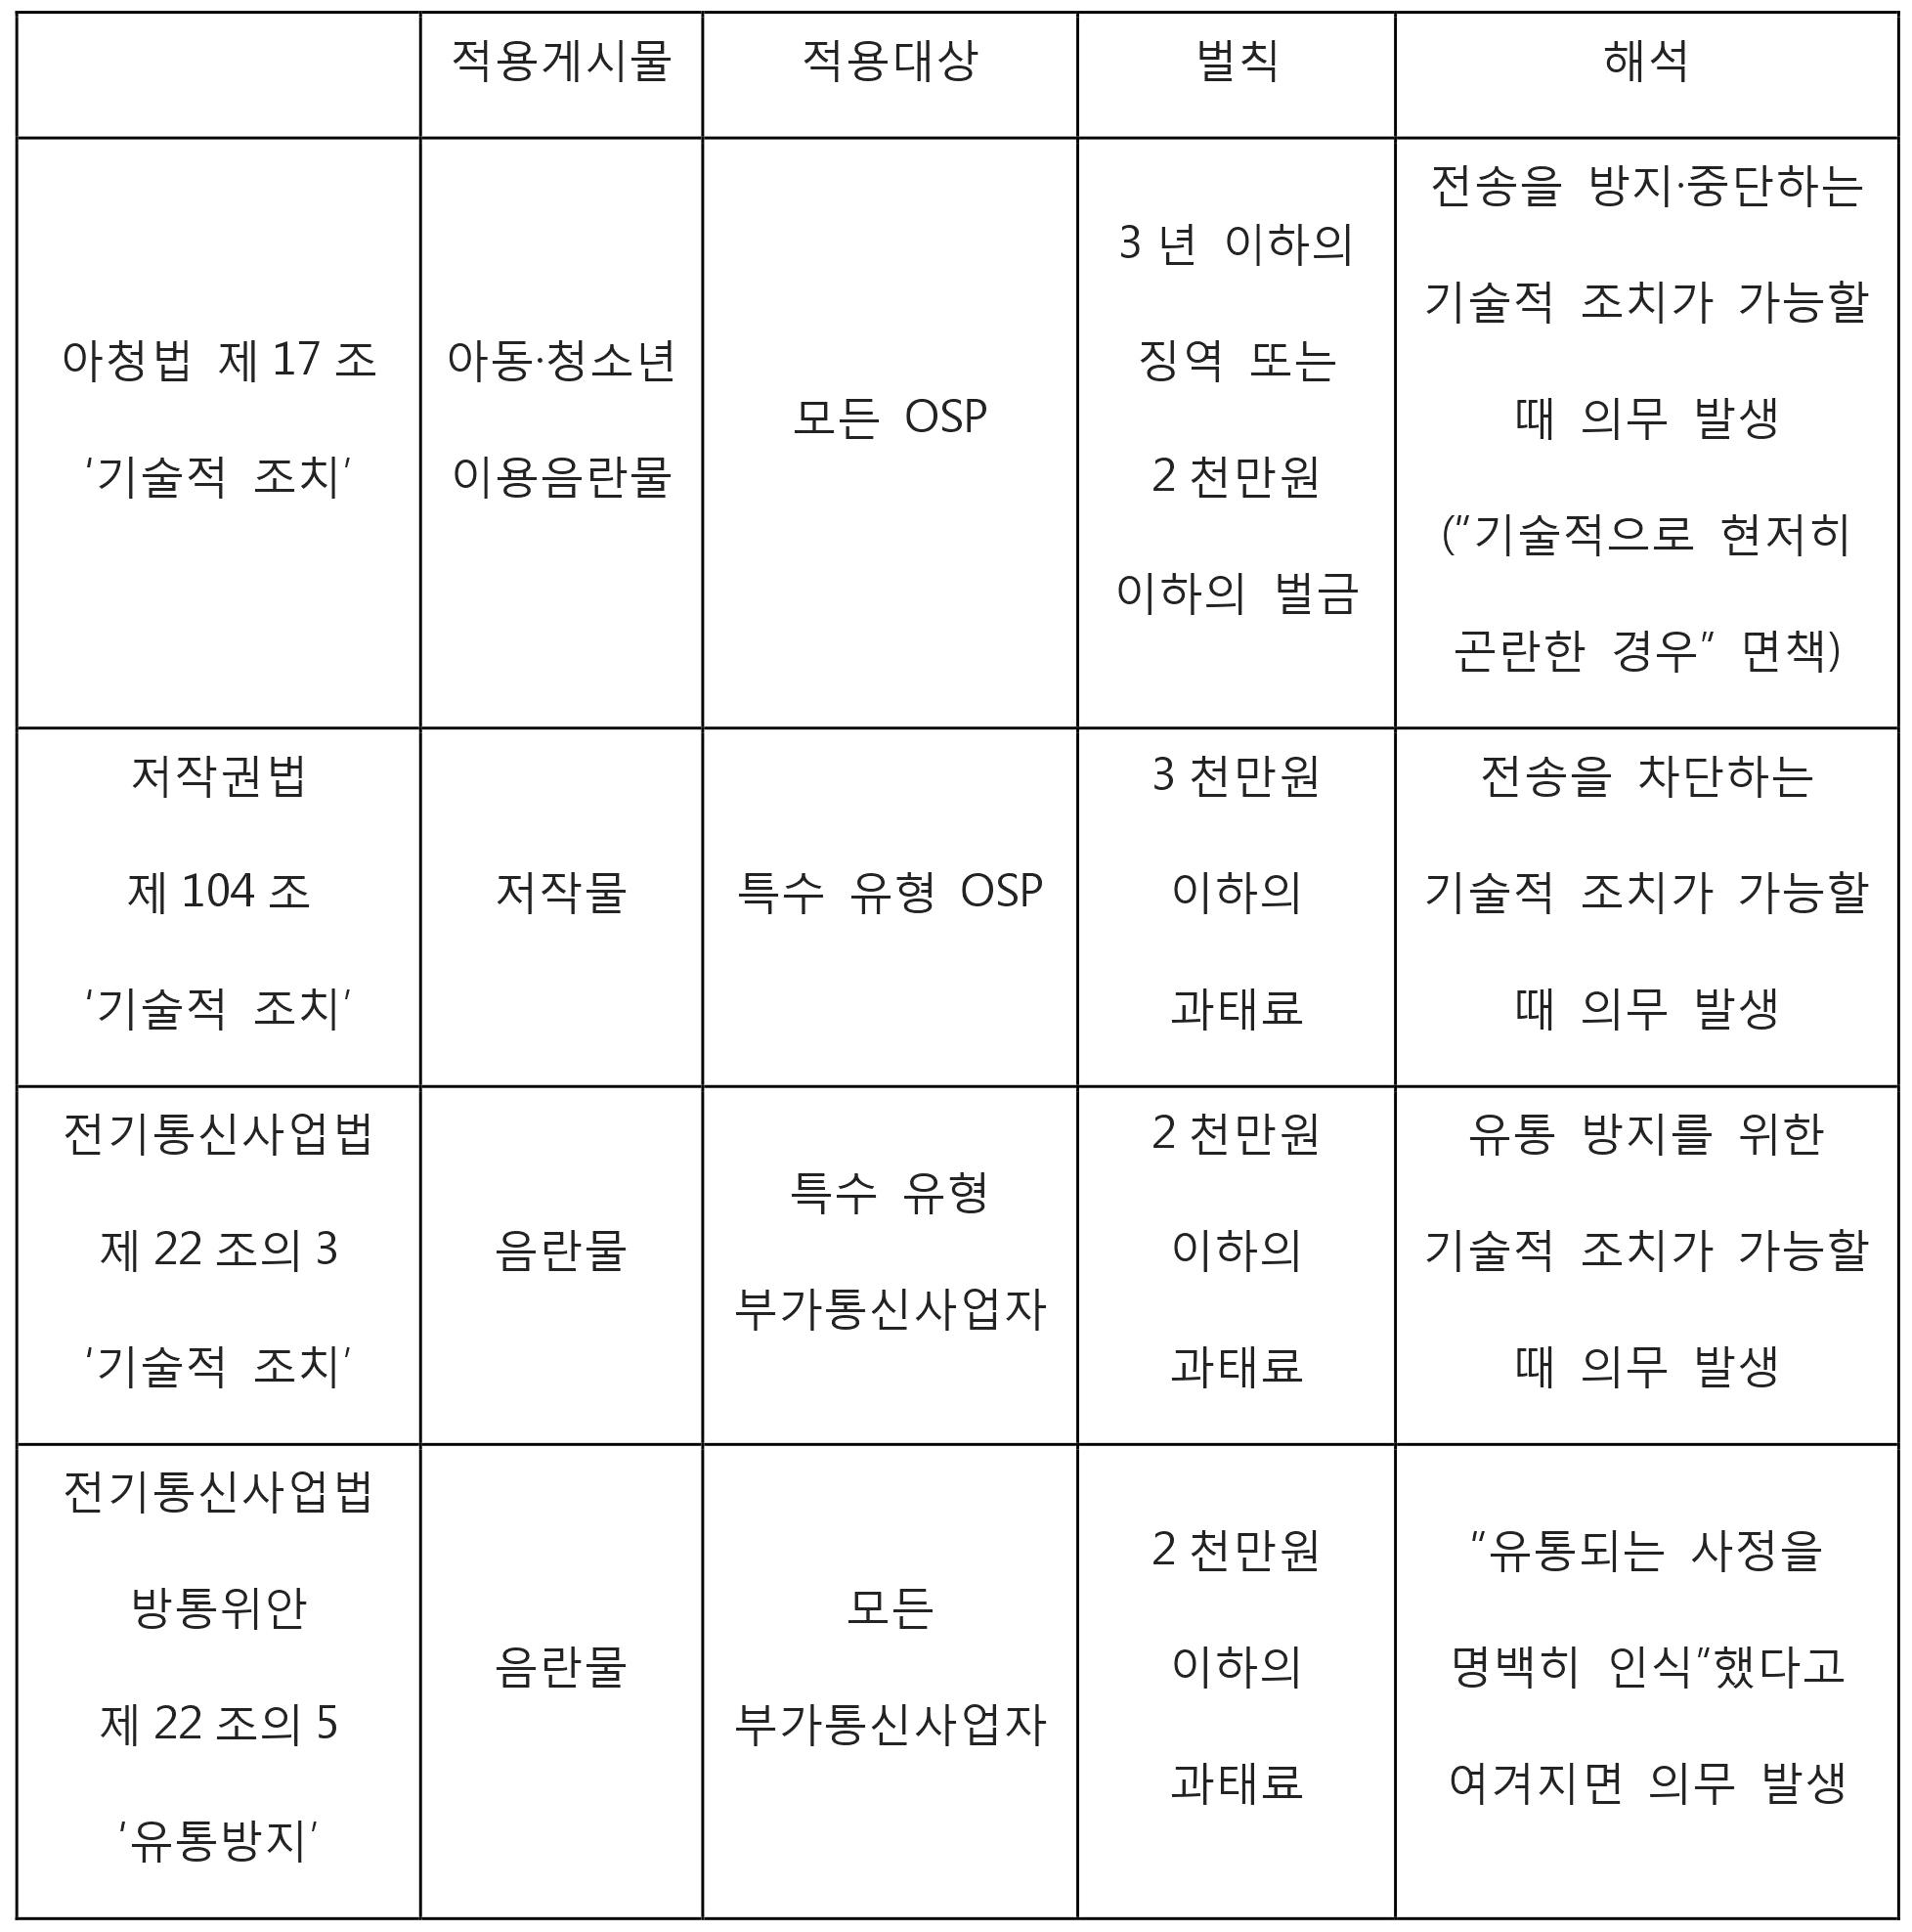 음란물 모니터링_규제비교표